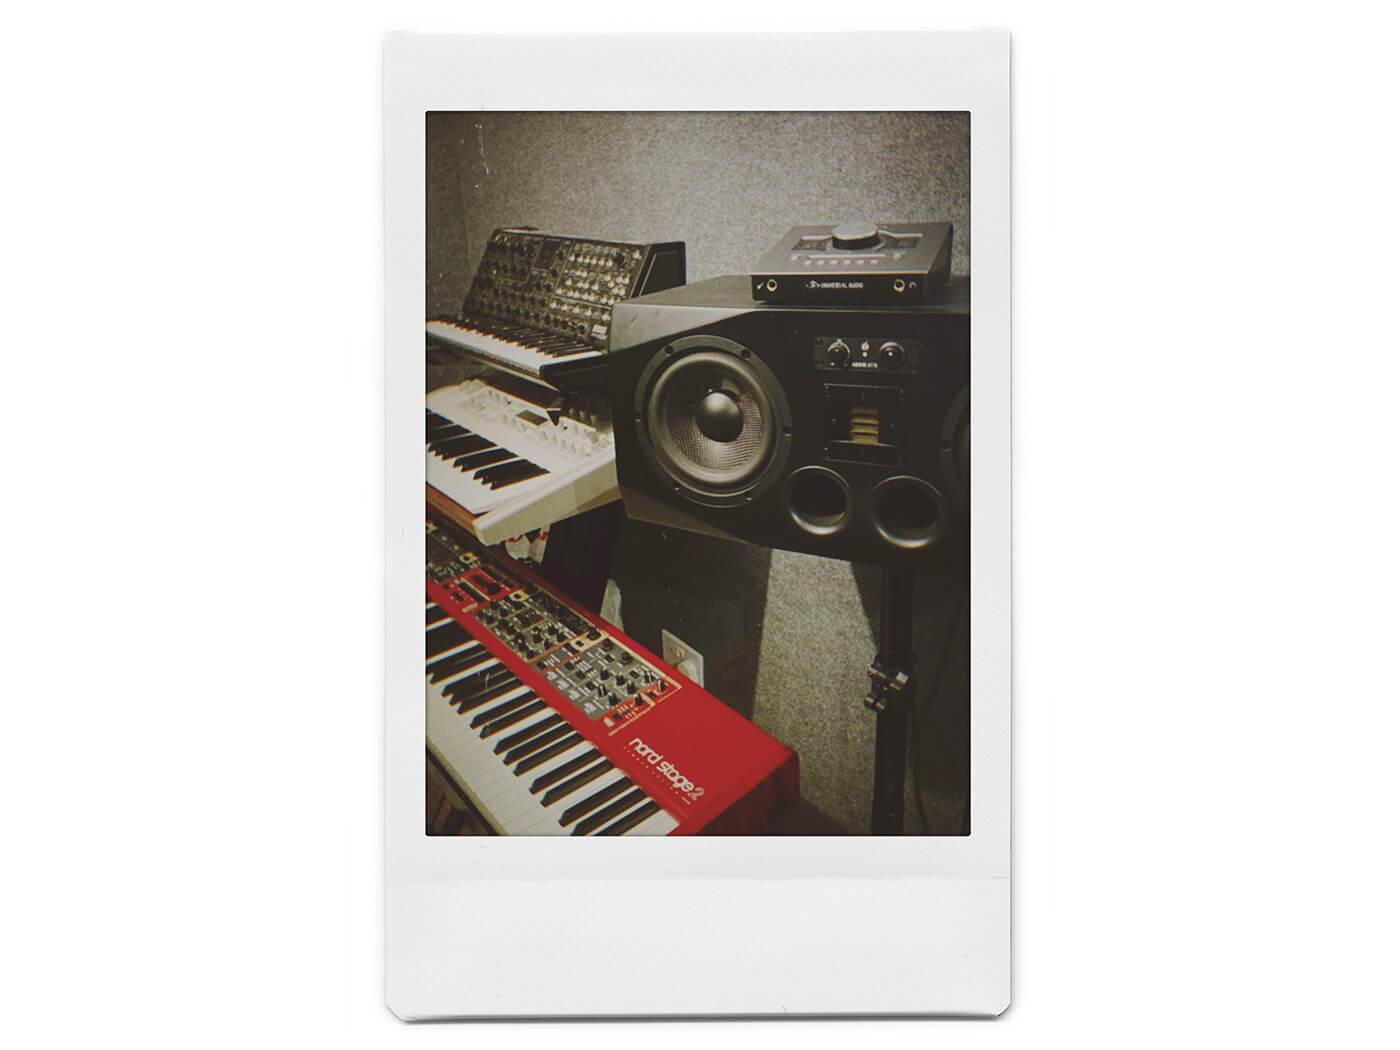 Venna studio